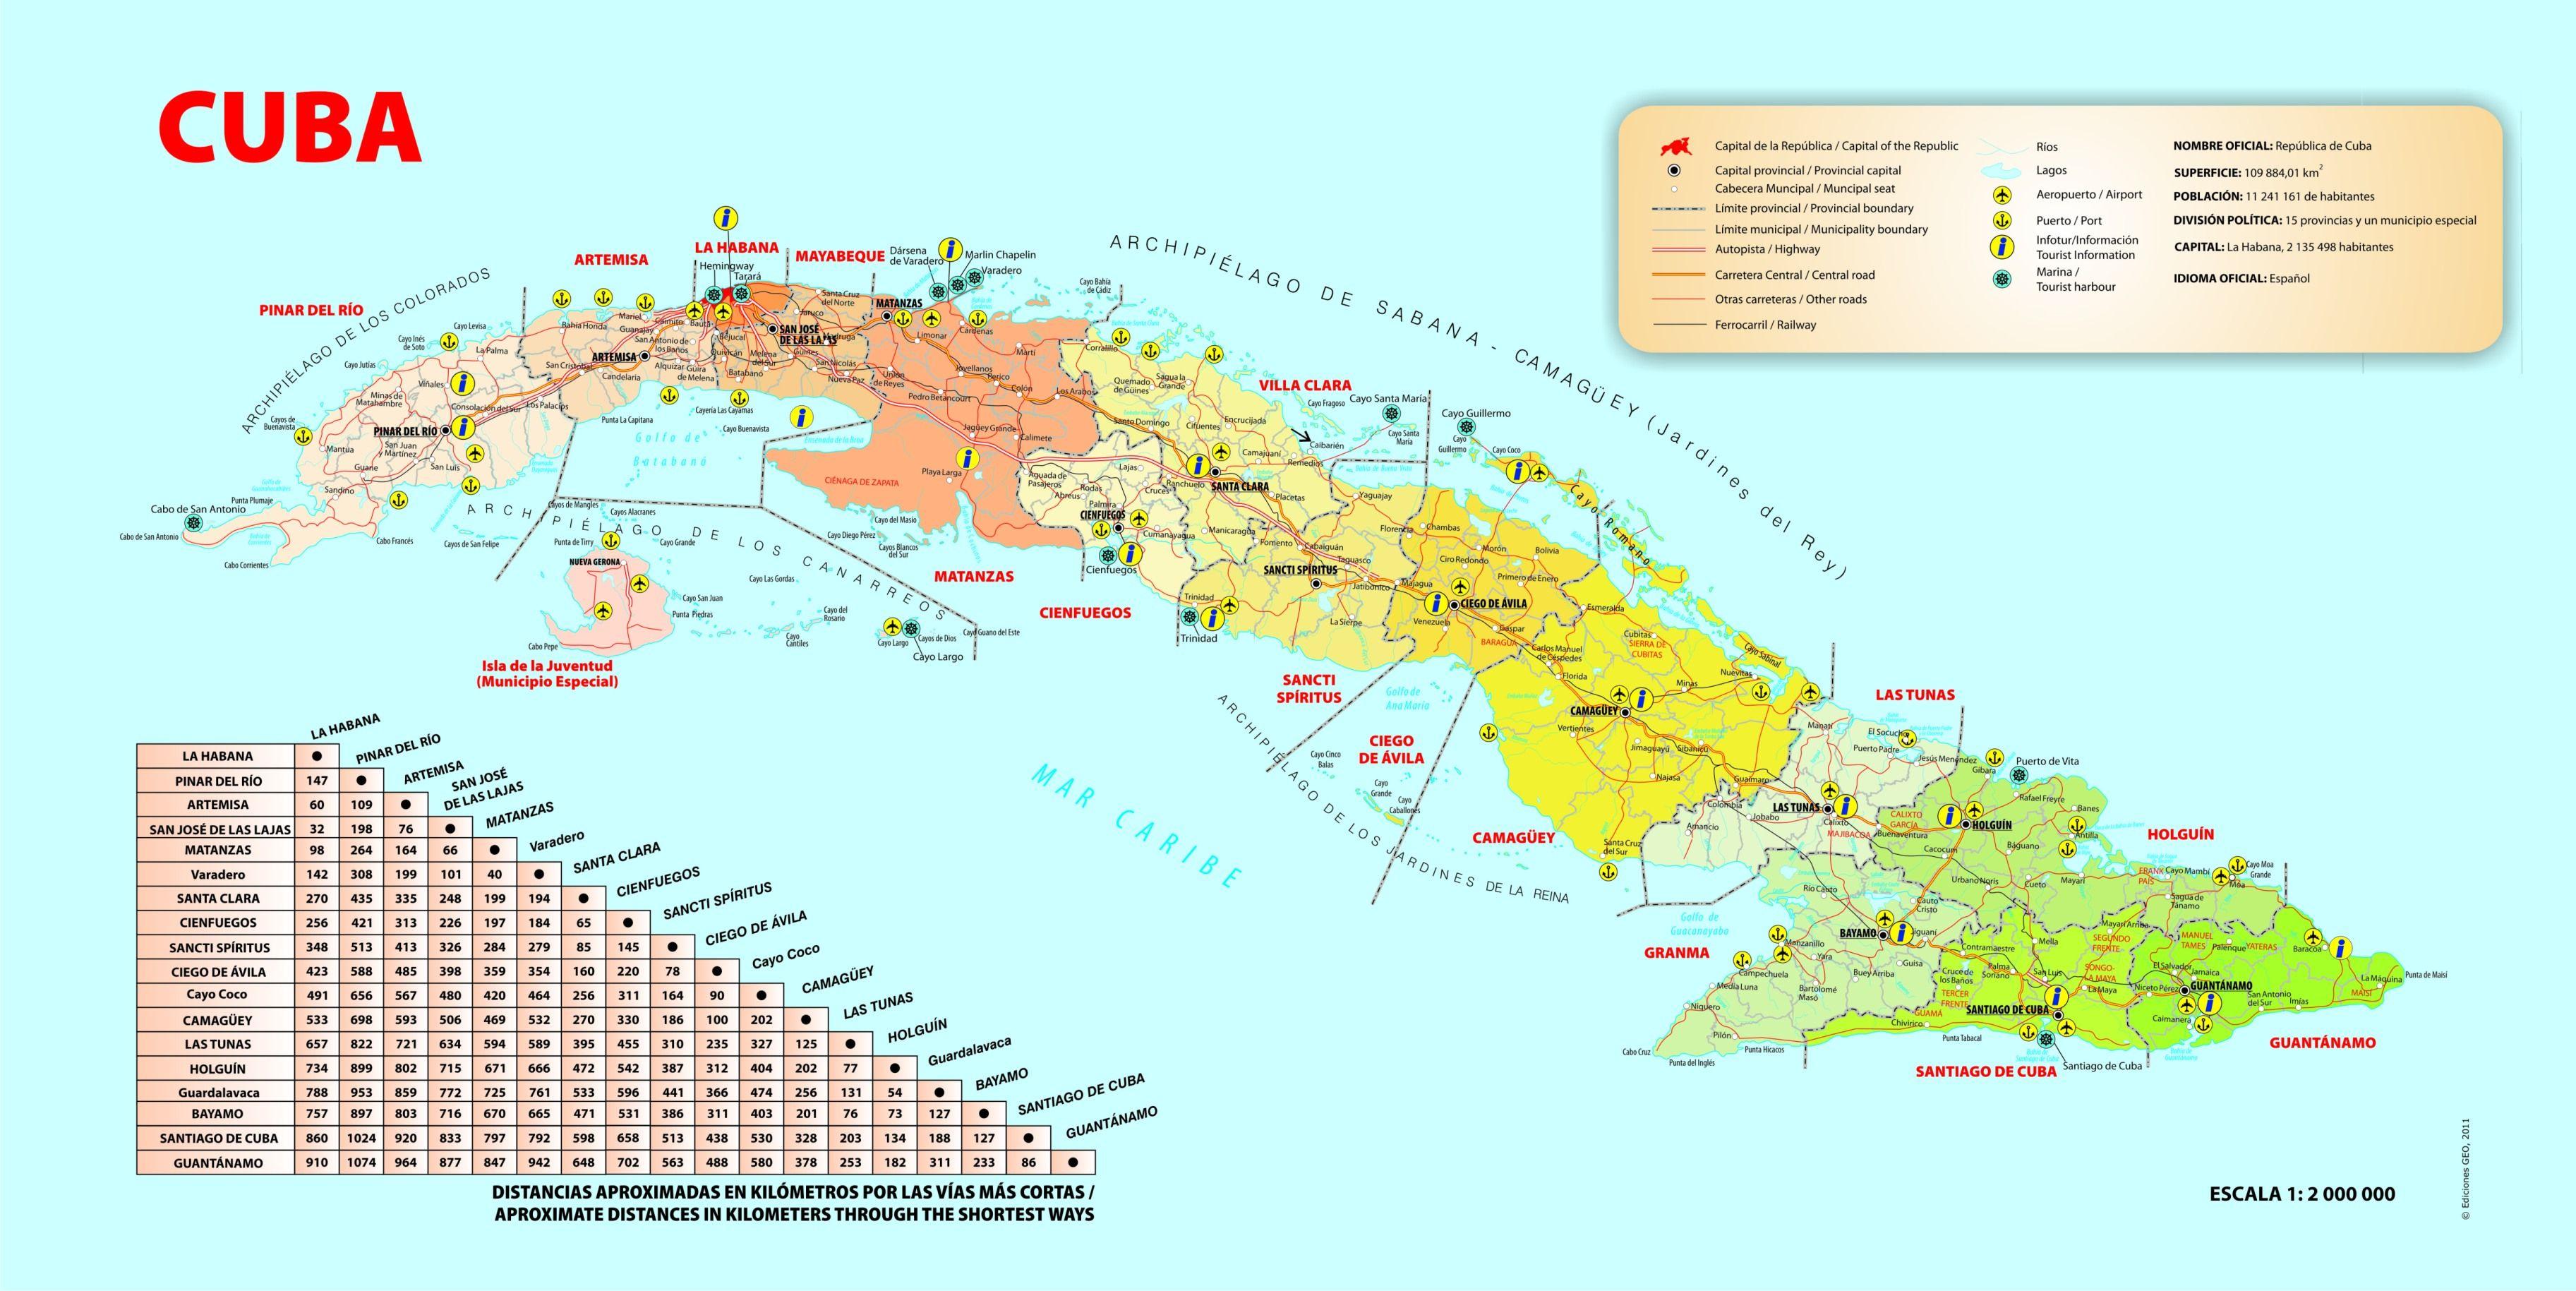 Mapas de cuba c u b a pinterest mapas de cuba gumiabroncs Image collections